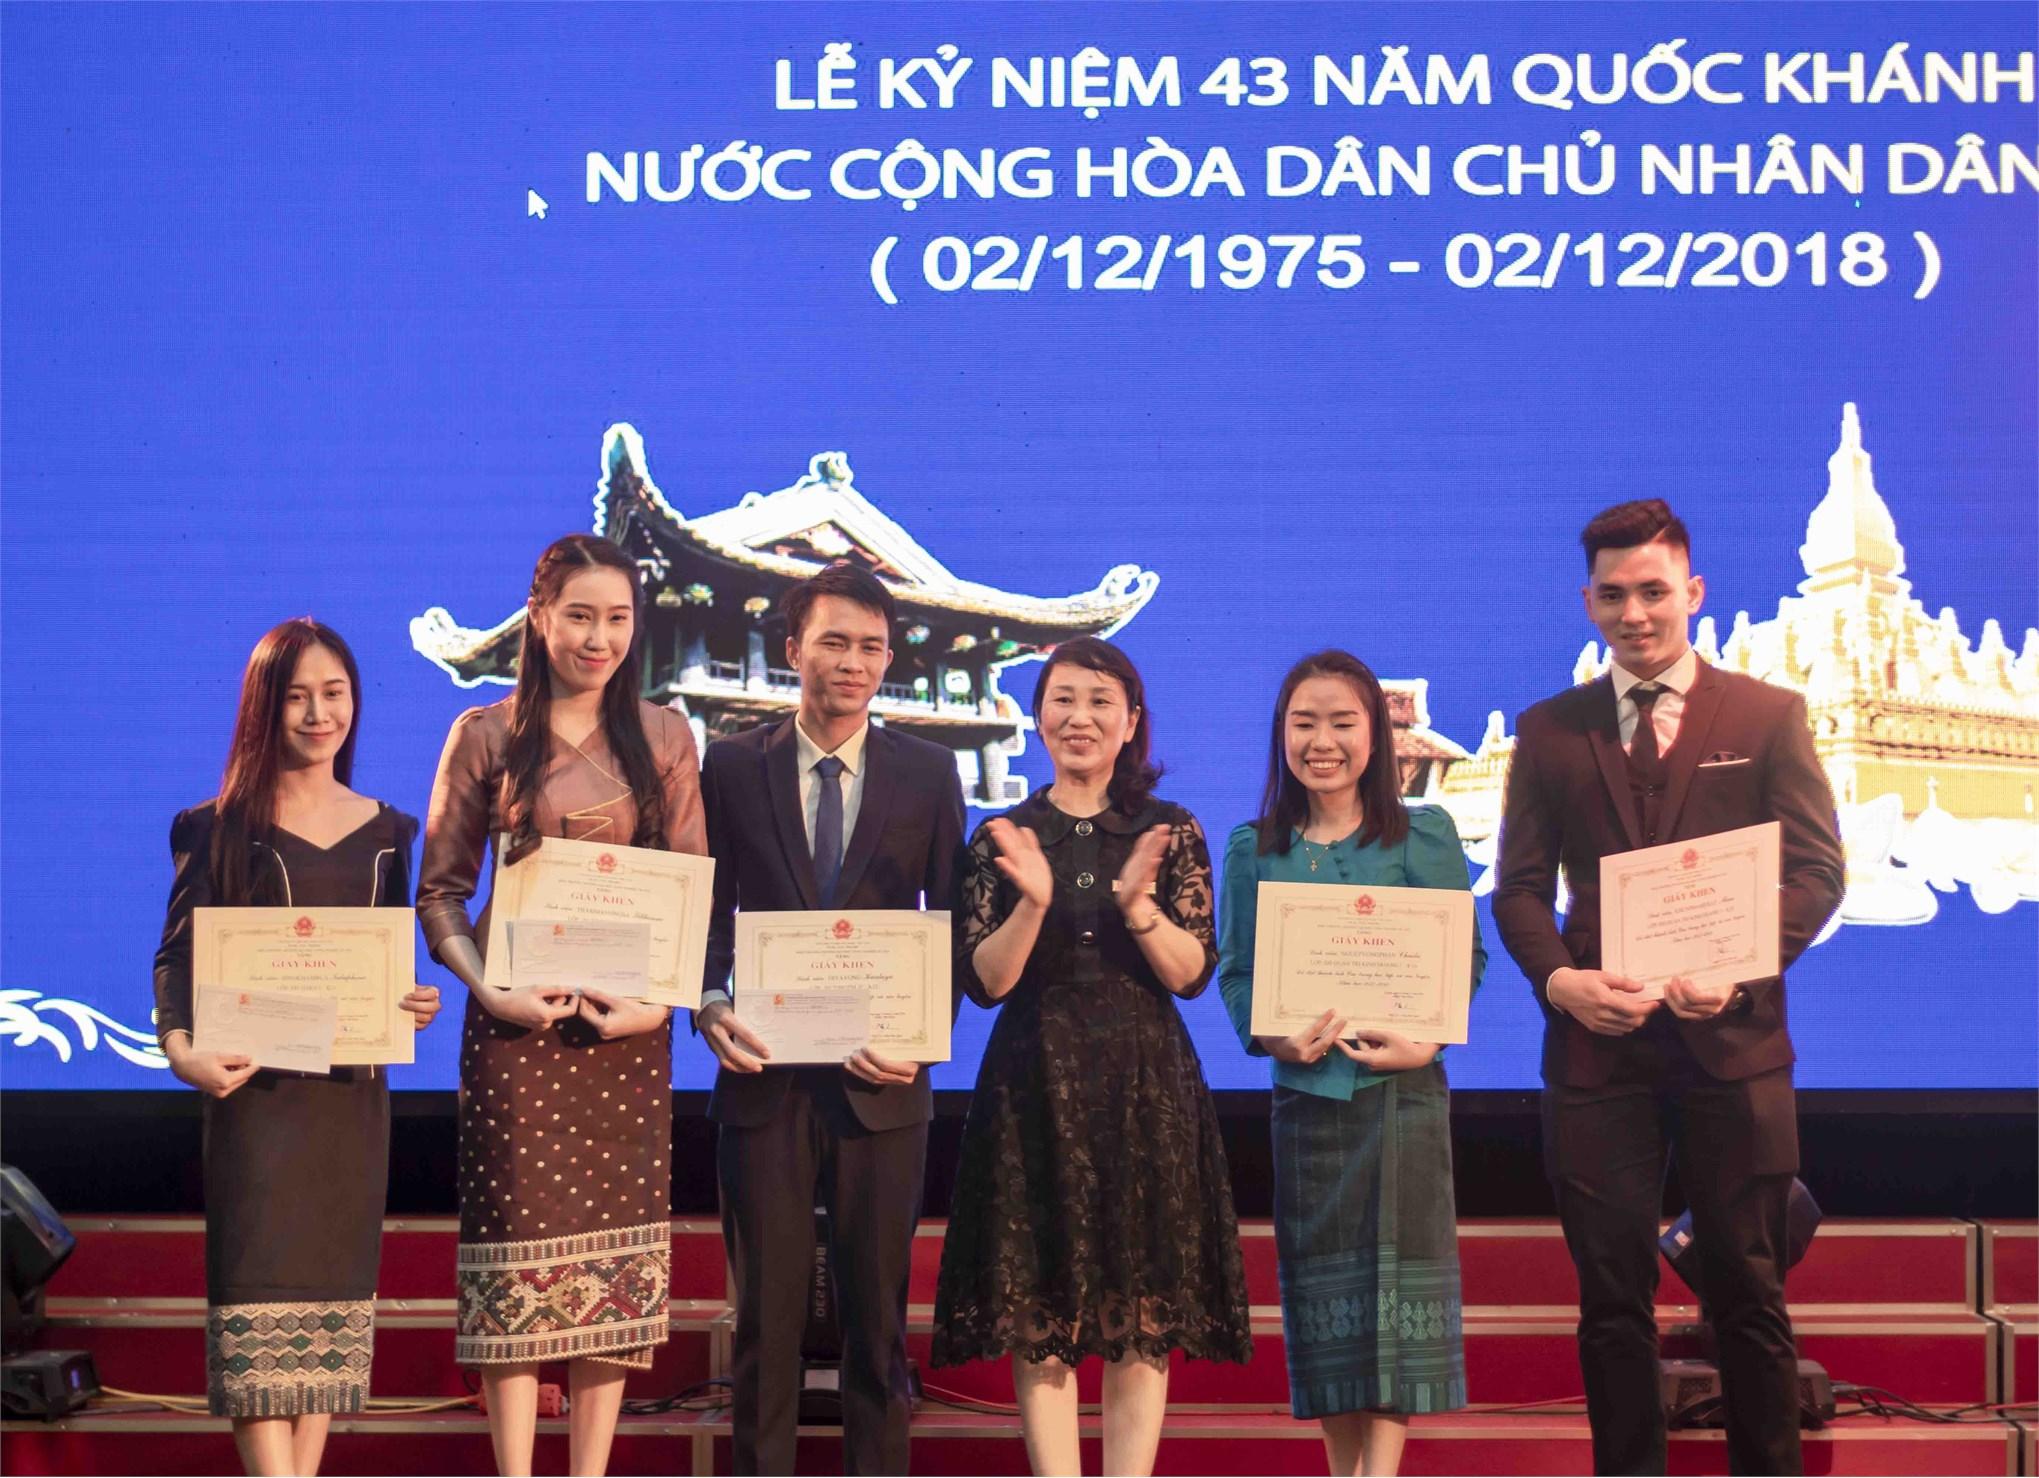 Gặp mặt Lưu học sinh Lào nhân kỷ niệm 43 năm Quốc khánh nước CHDCND Lào